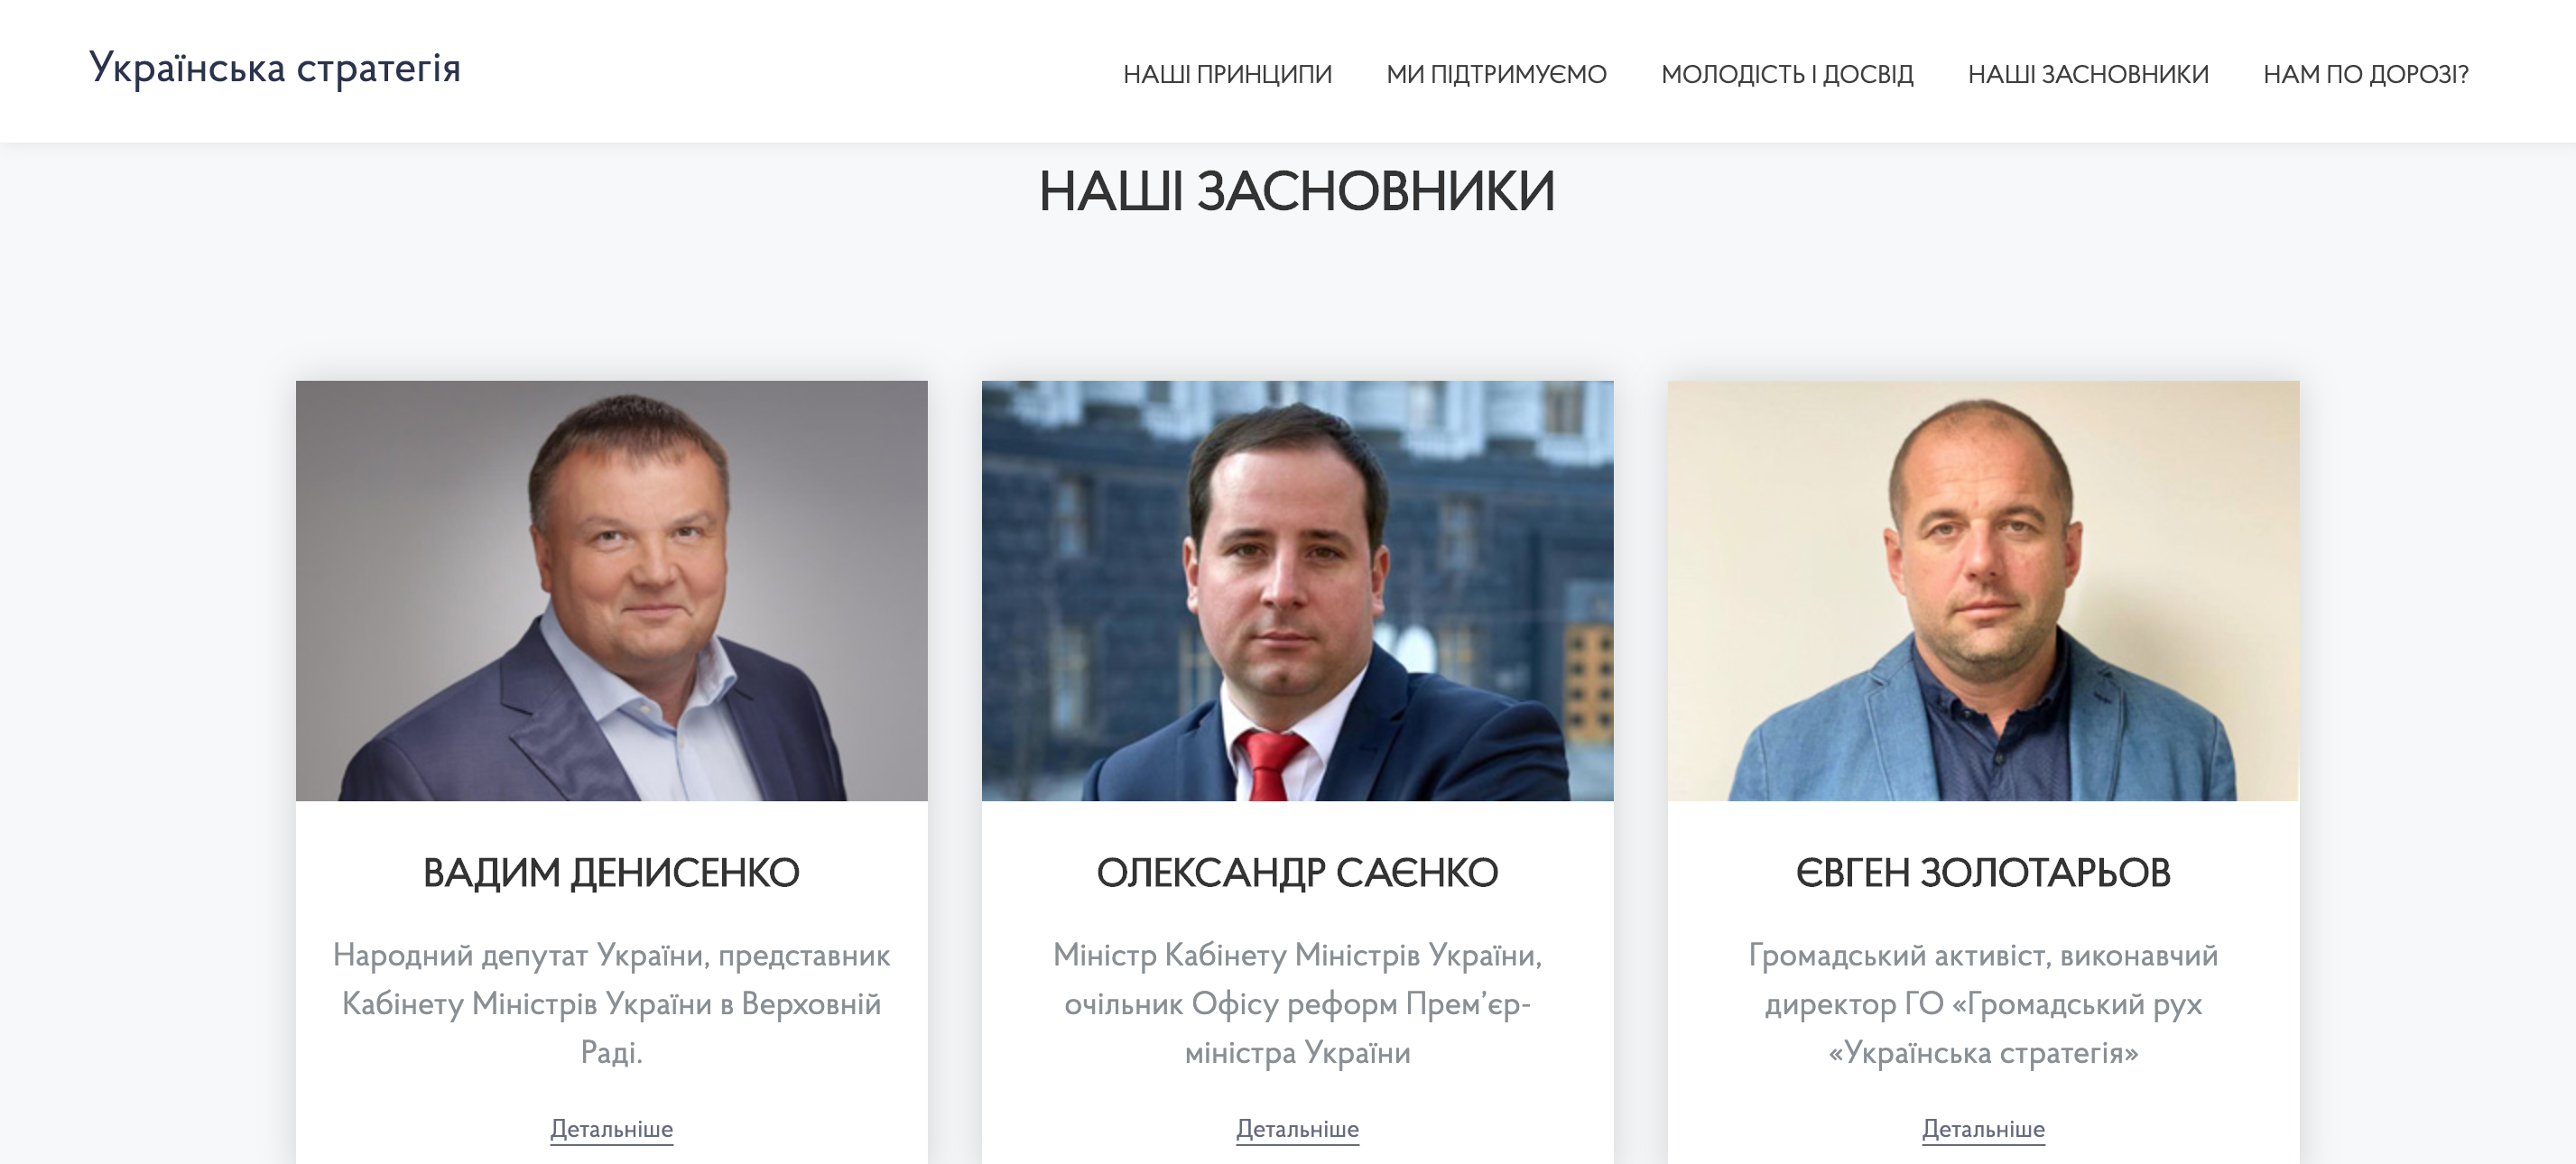 Сайт Украинской стратегии Гройсмана